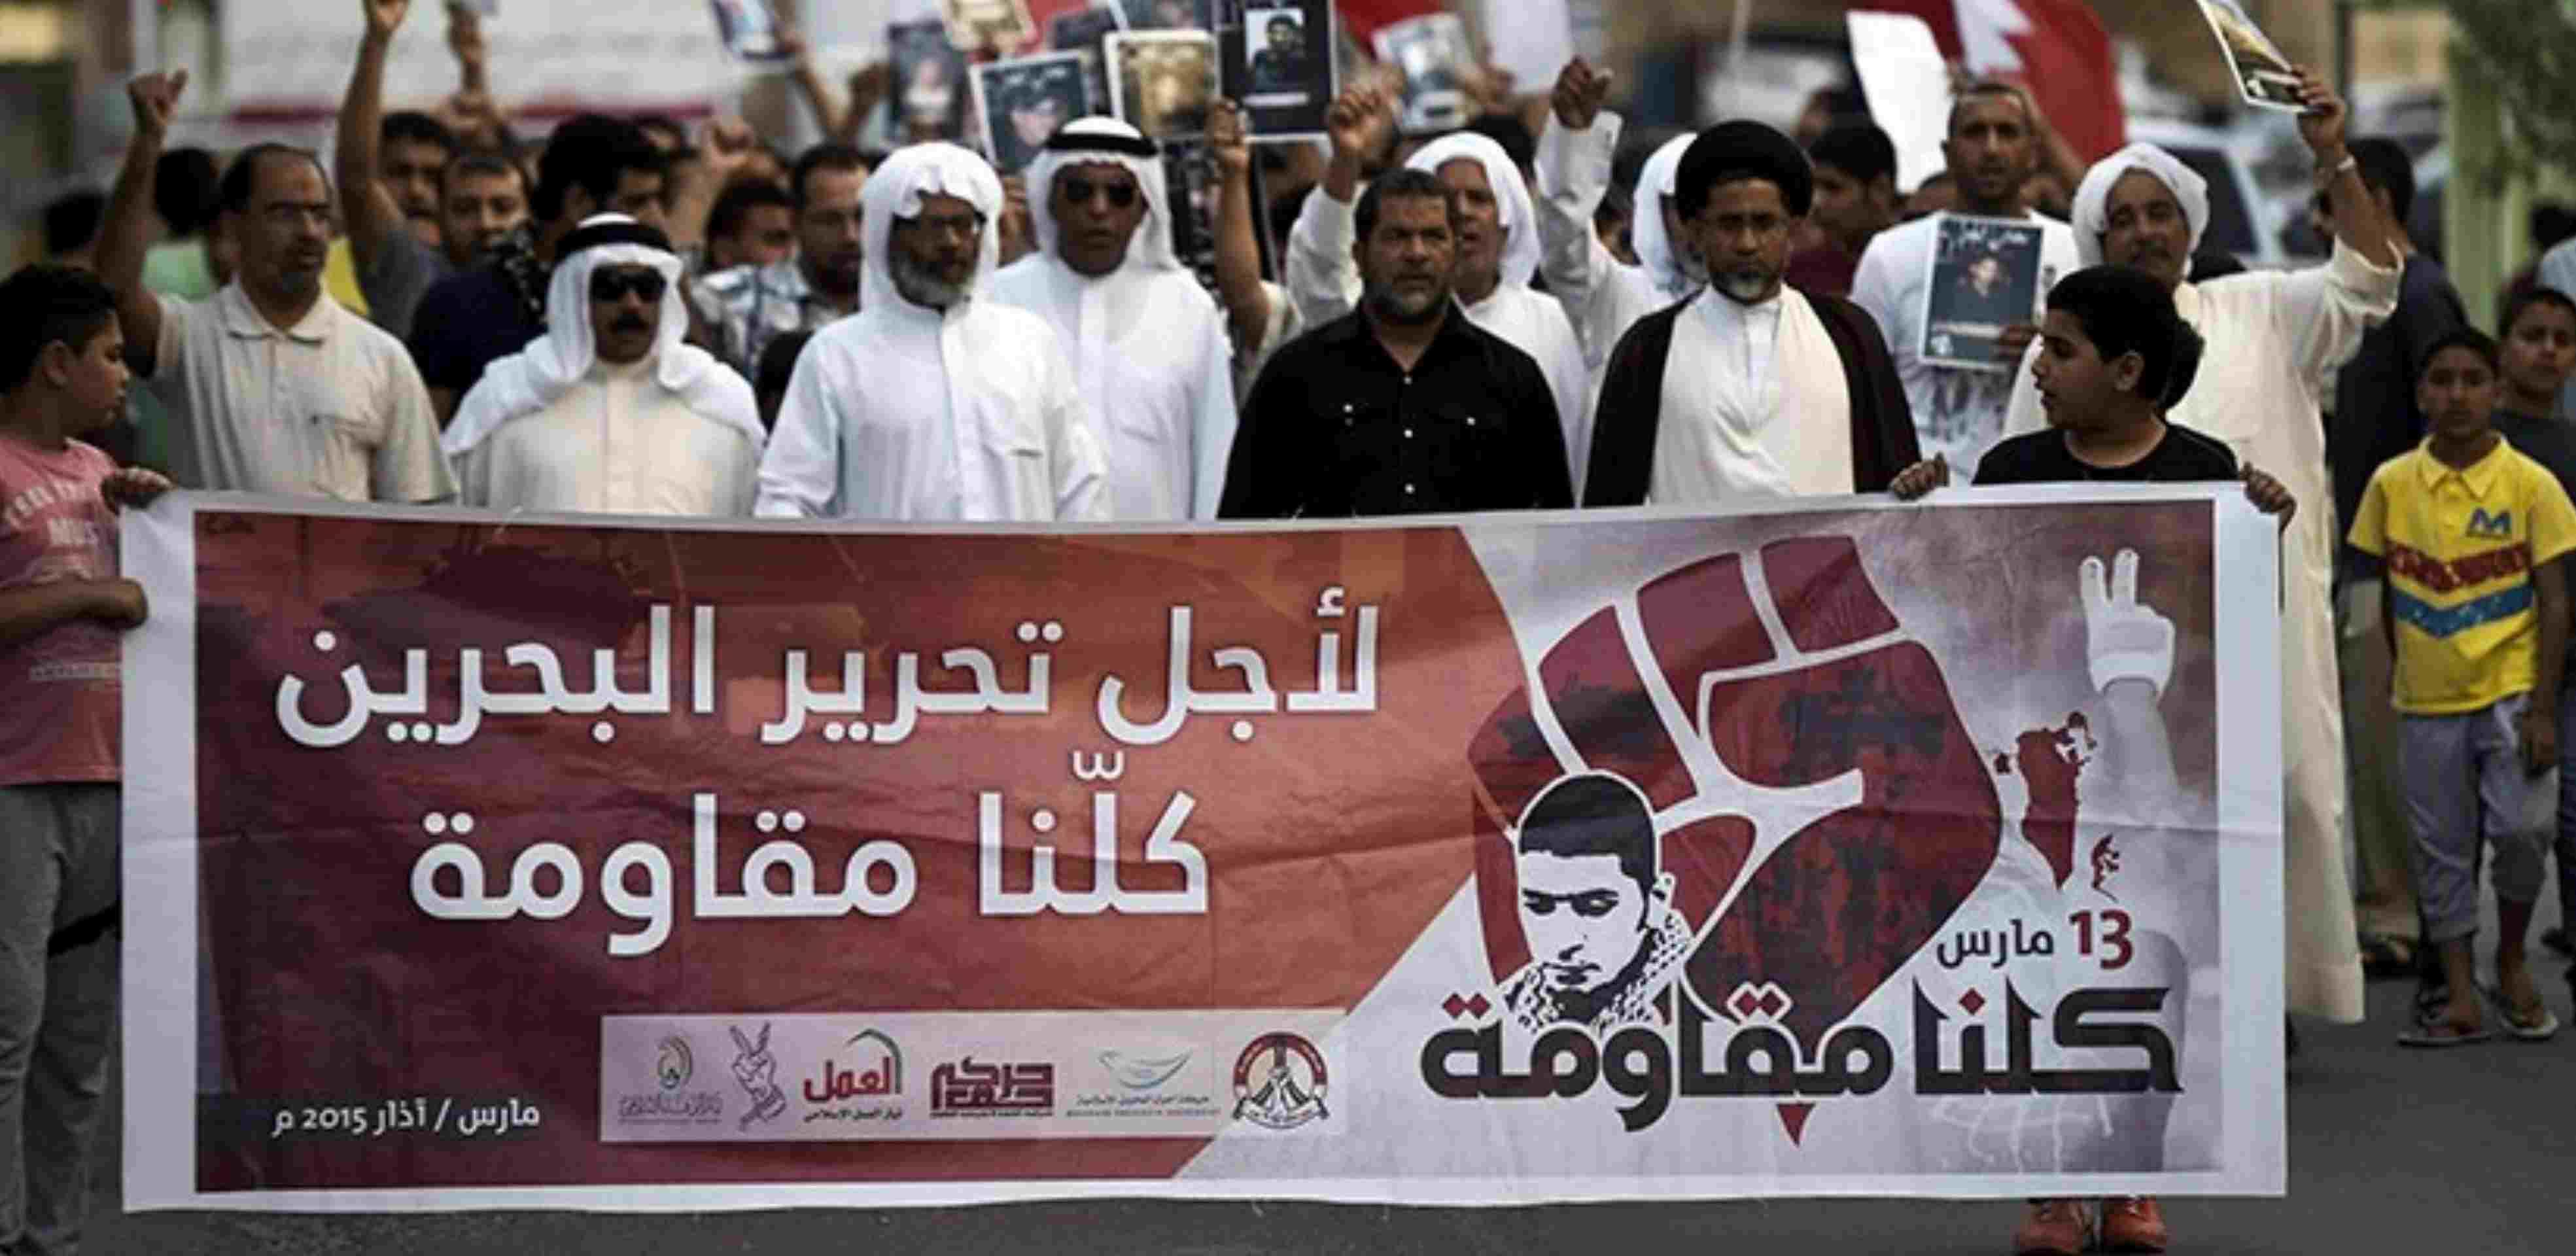 ائتلاف 14 فبراير: الاحتلال السعوديّ- الإماراتيّ لبلادنا مرفوض ولشعبنا الحقّ في تقرير مصيره